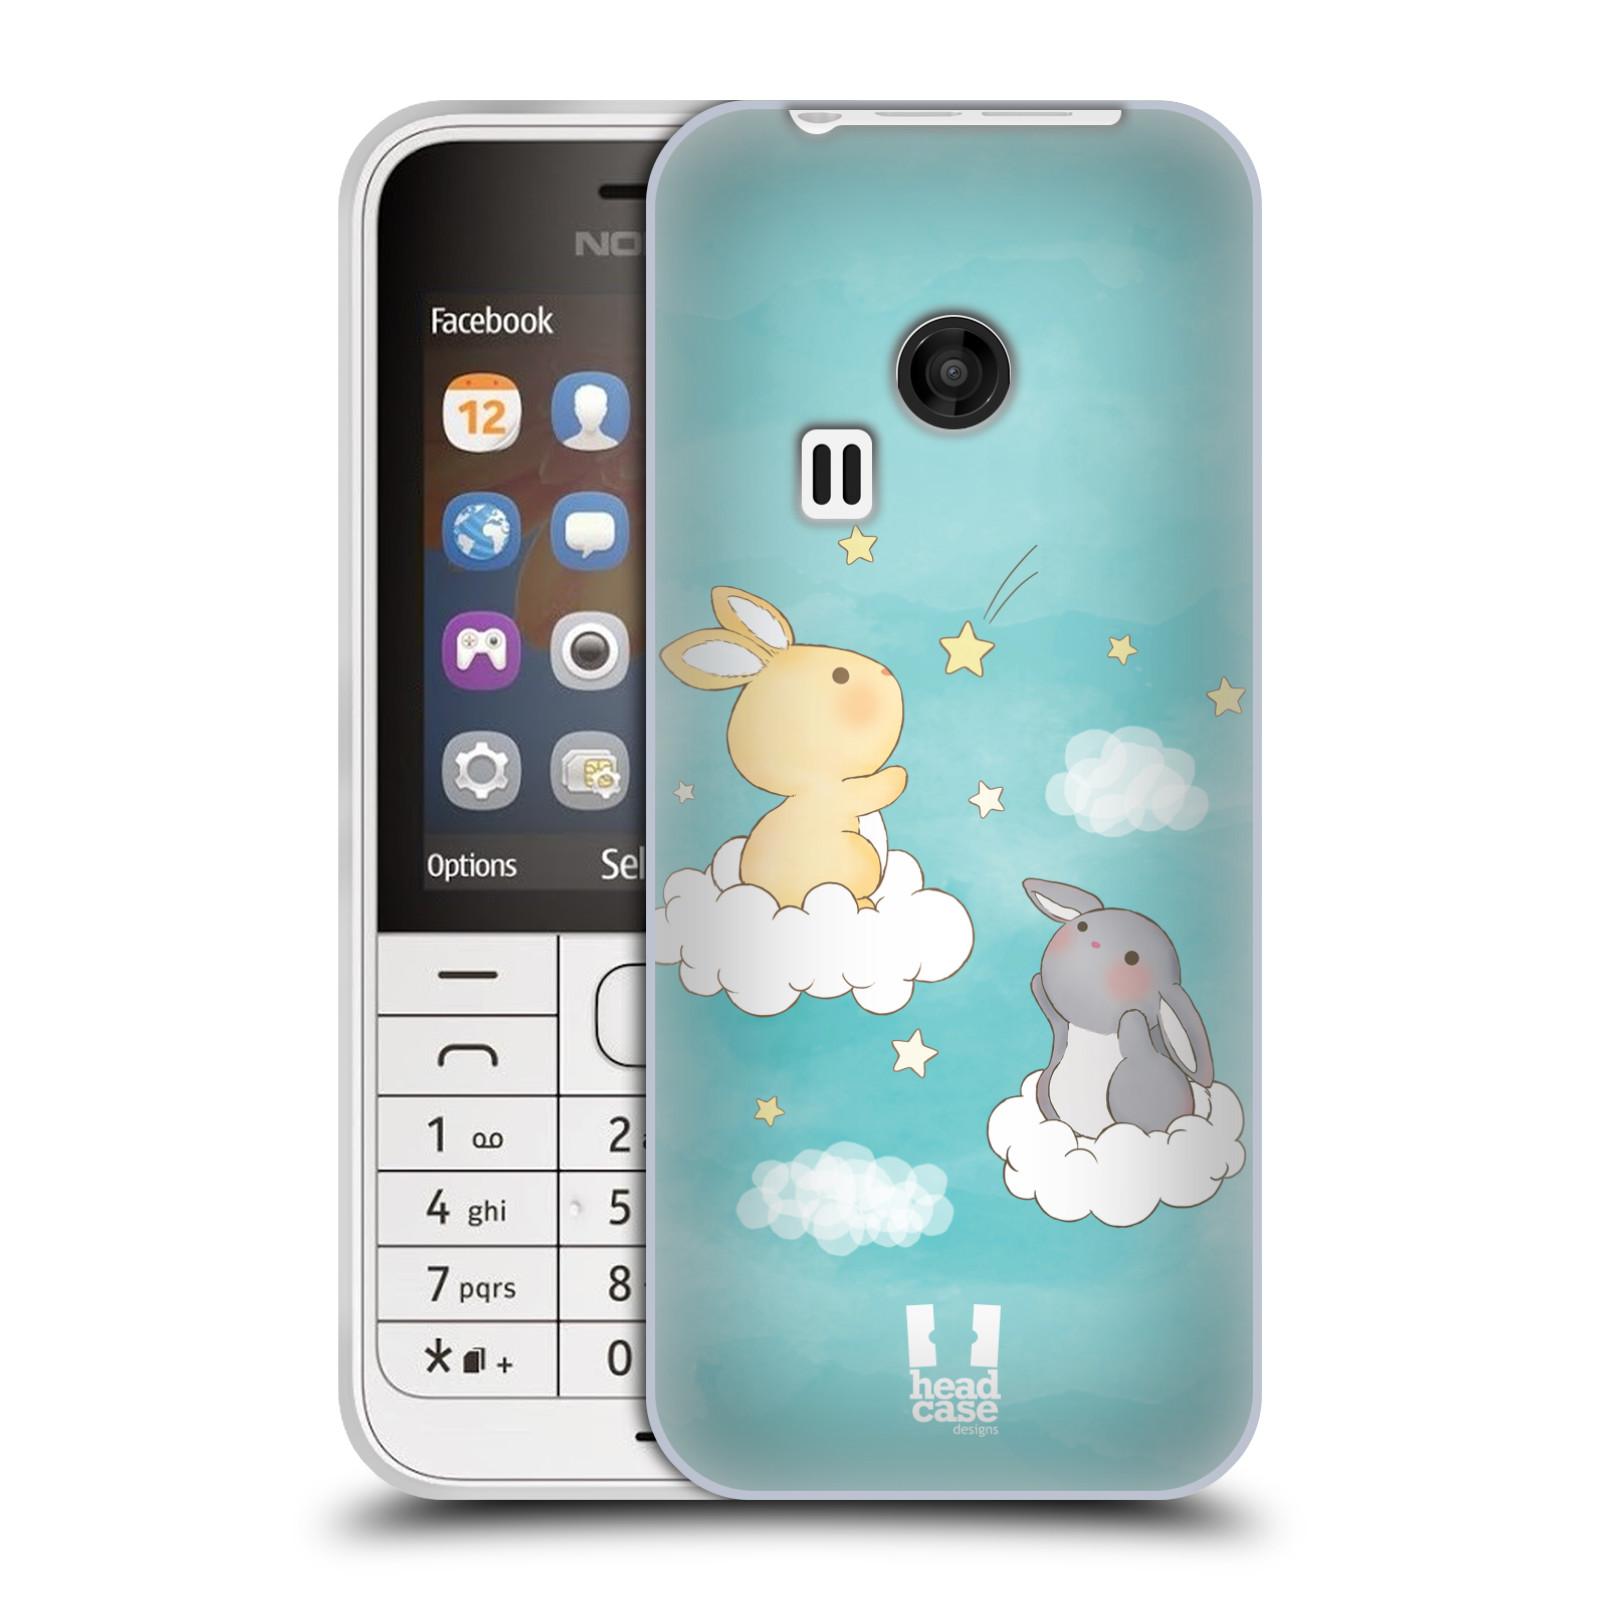 HEAD CASE silikonový obal na mobil NOKIA 220 / NOKIA 220 DUAL SIM vzor králíček a hvězdy modrá